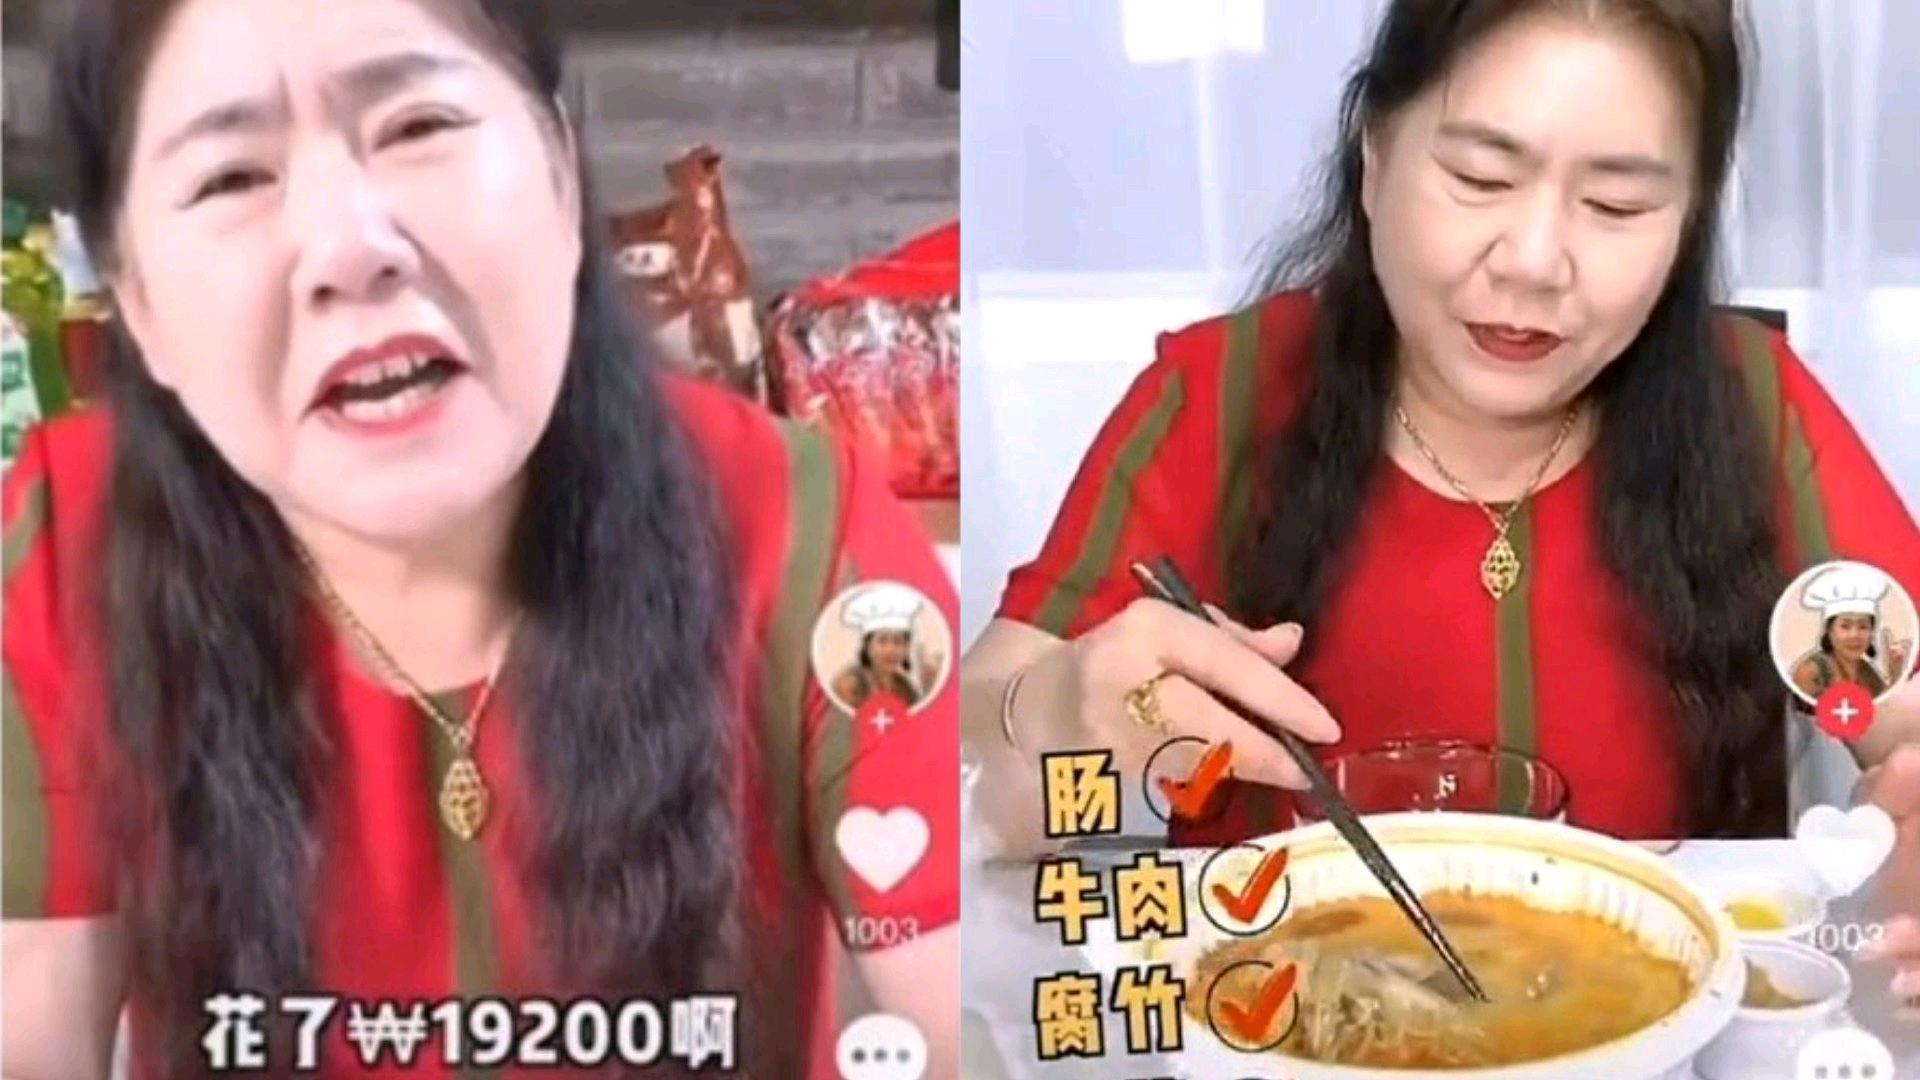 被批狙击外卖麻辣烫贬低韩国,咸素媛中国婆婆直播低头道歉